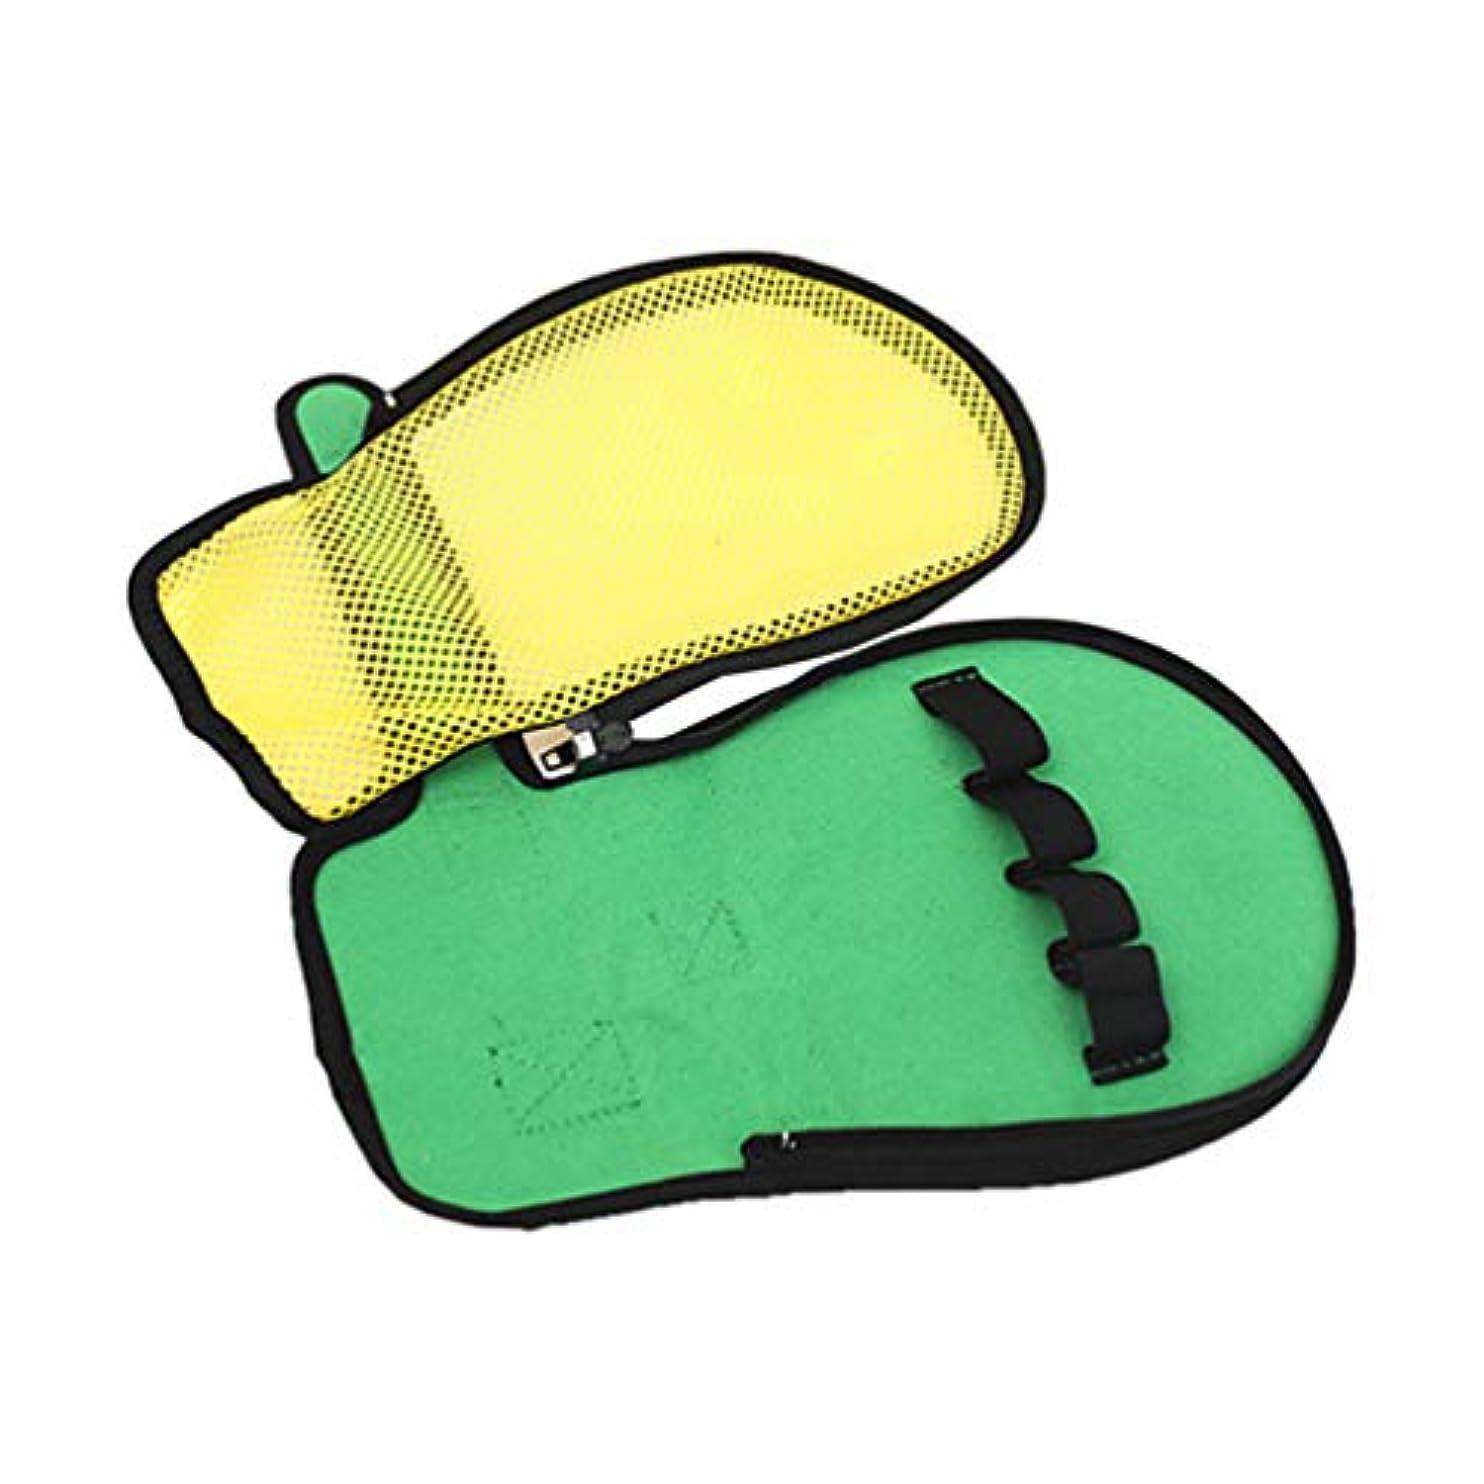 壊滅的なブラシリーFrcolor フィンガーコントロールミット取り外し可能通気性肥厚傷をつかみ止め拘束グローブ手首固定グローブ5指固定ベルト感染予防患者用